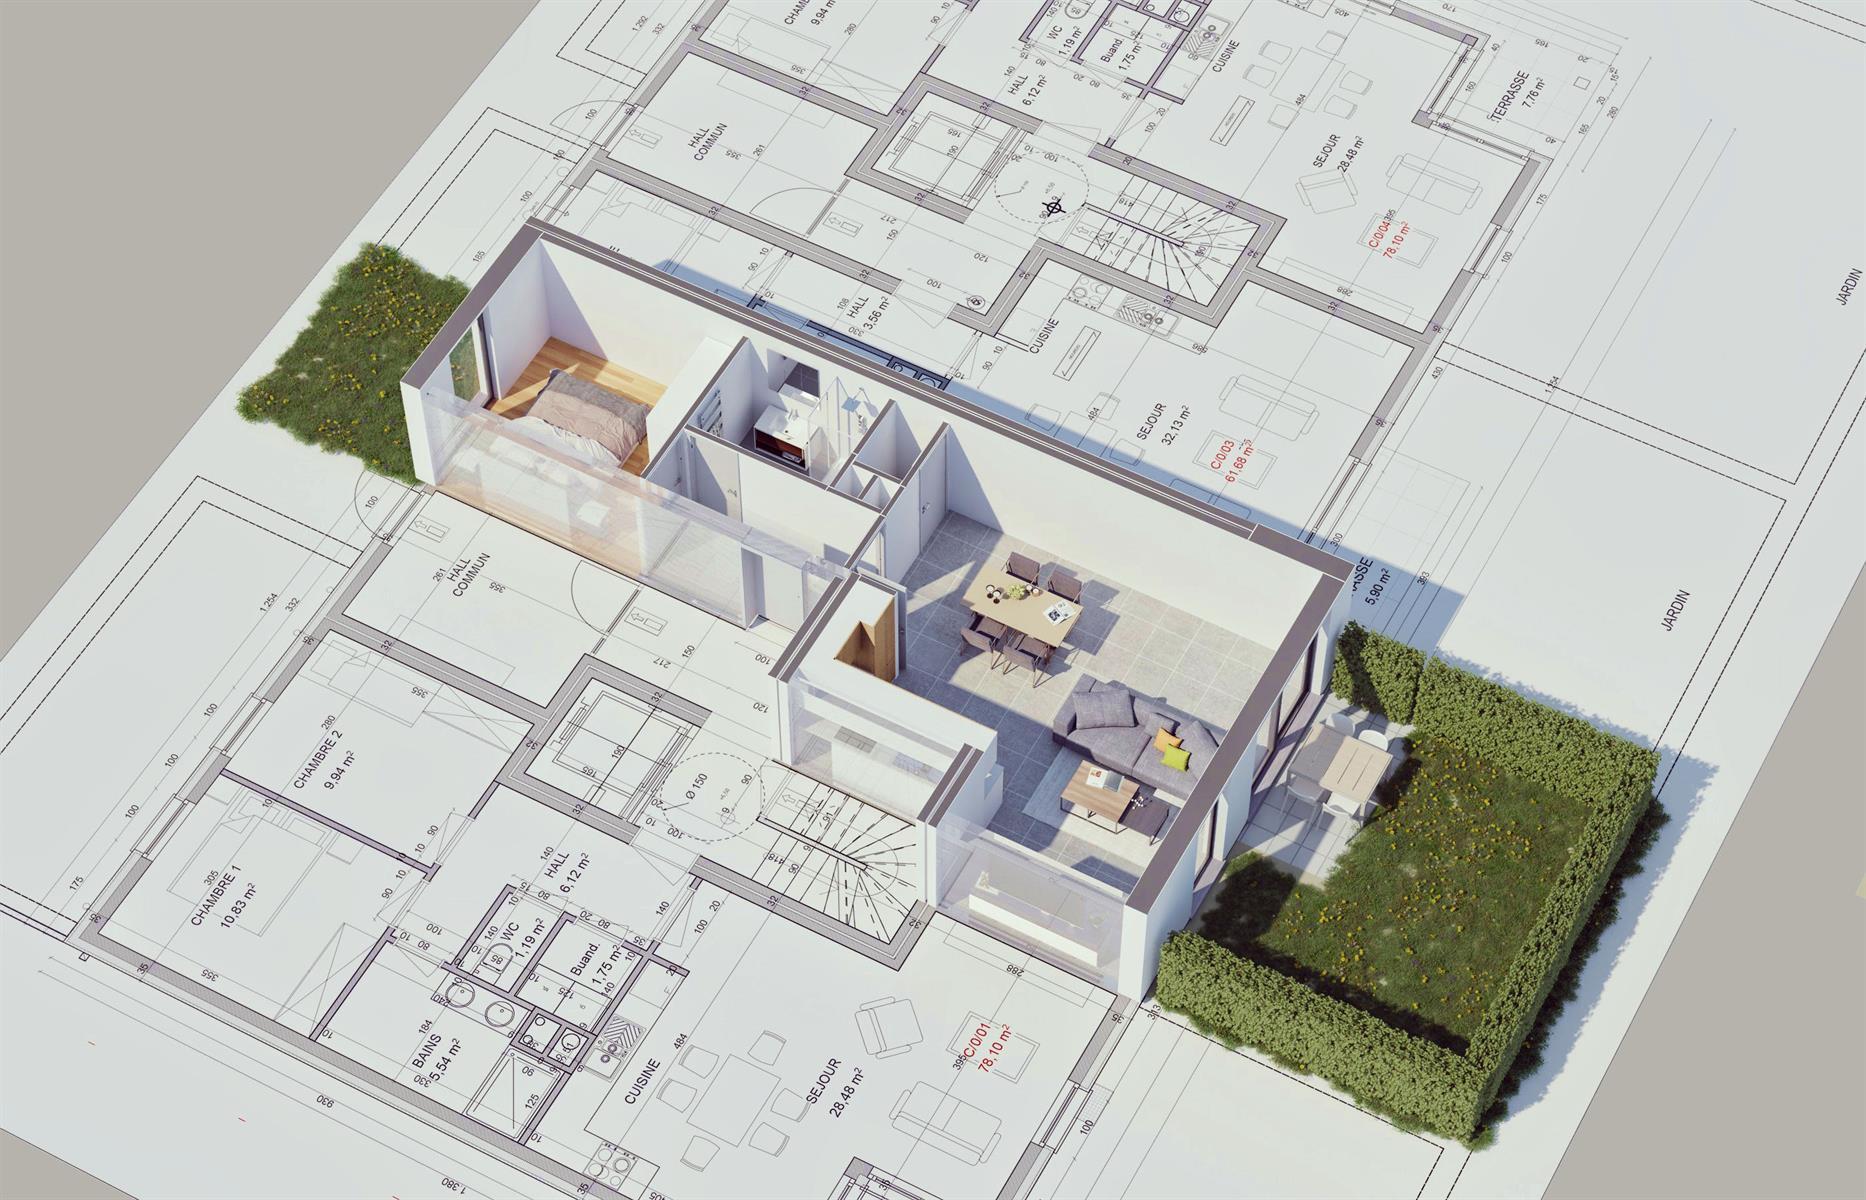 Ground floor with garden - Flemalle - #4197026-33